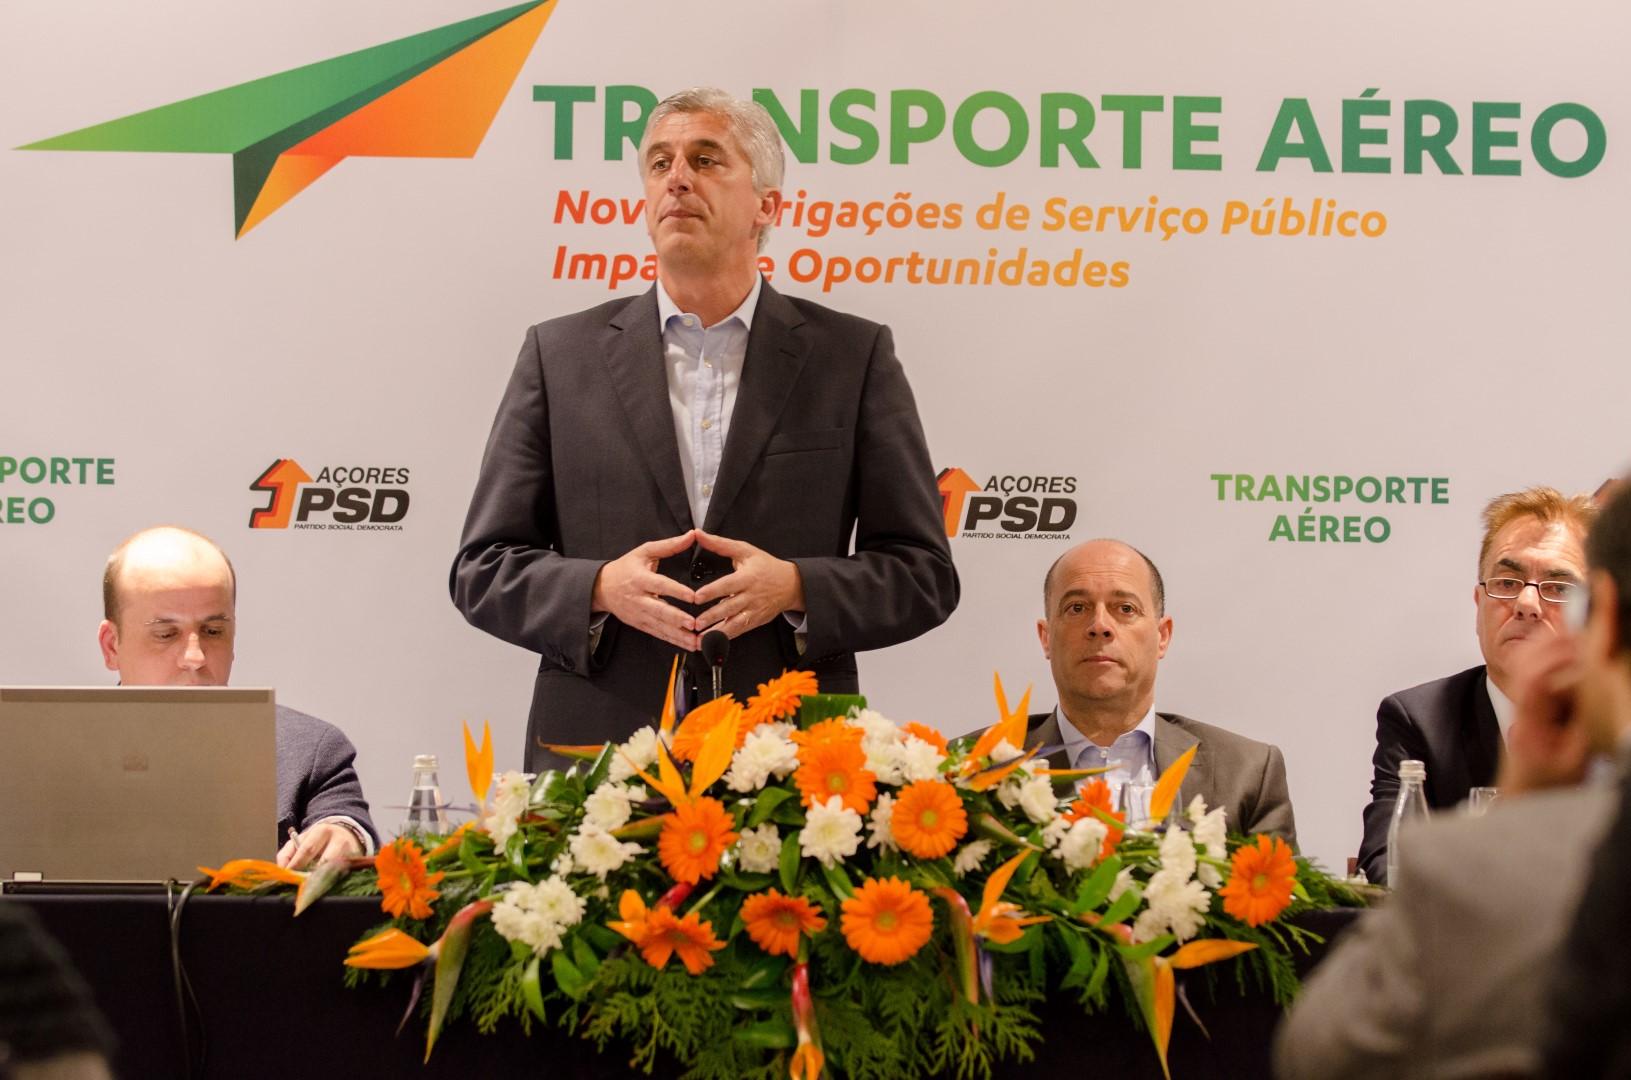 """Abertura do espaço aéreo é """"queda do muro de Berlim"""" para a economia dos Açores, considera Duarte Freitas"""